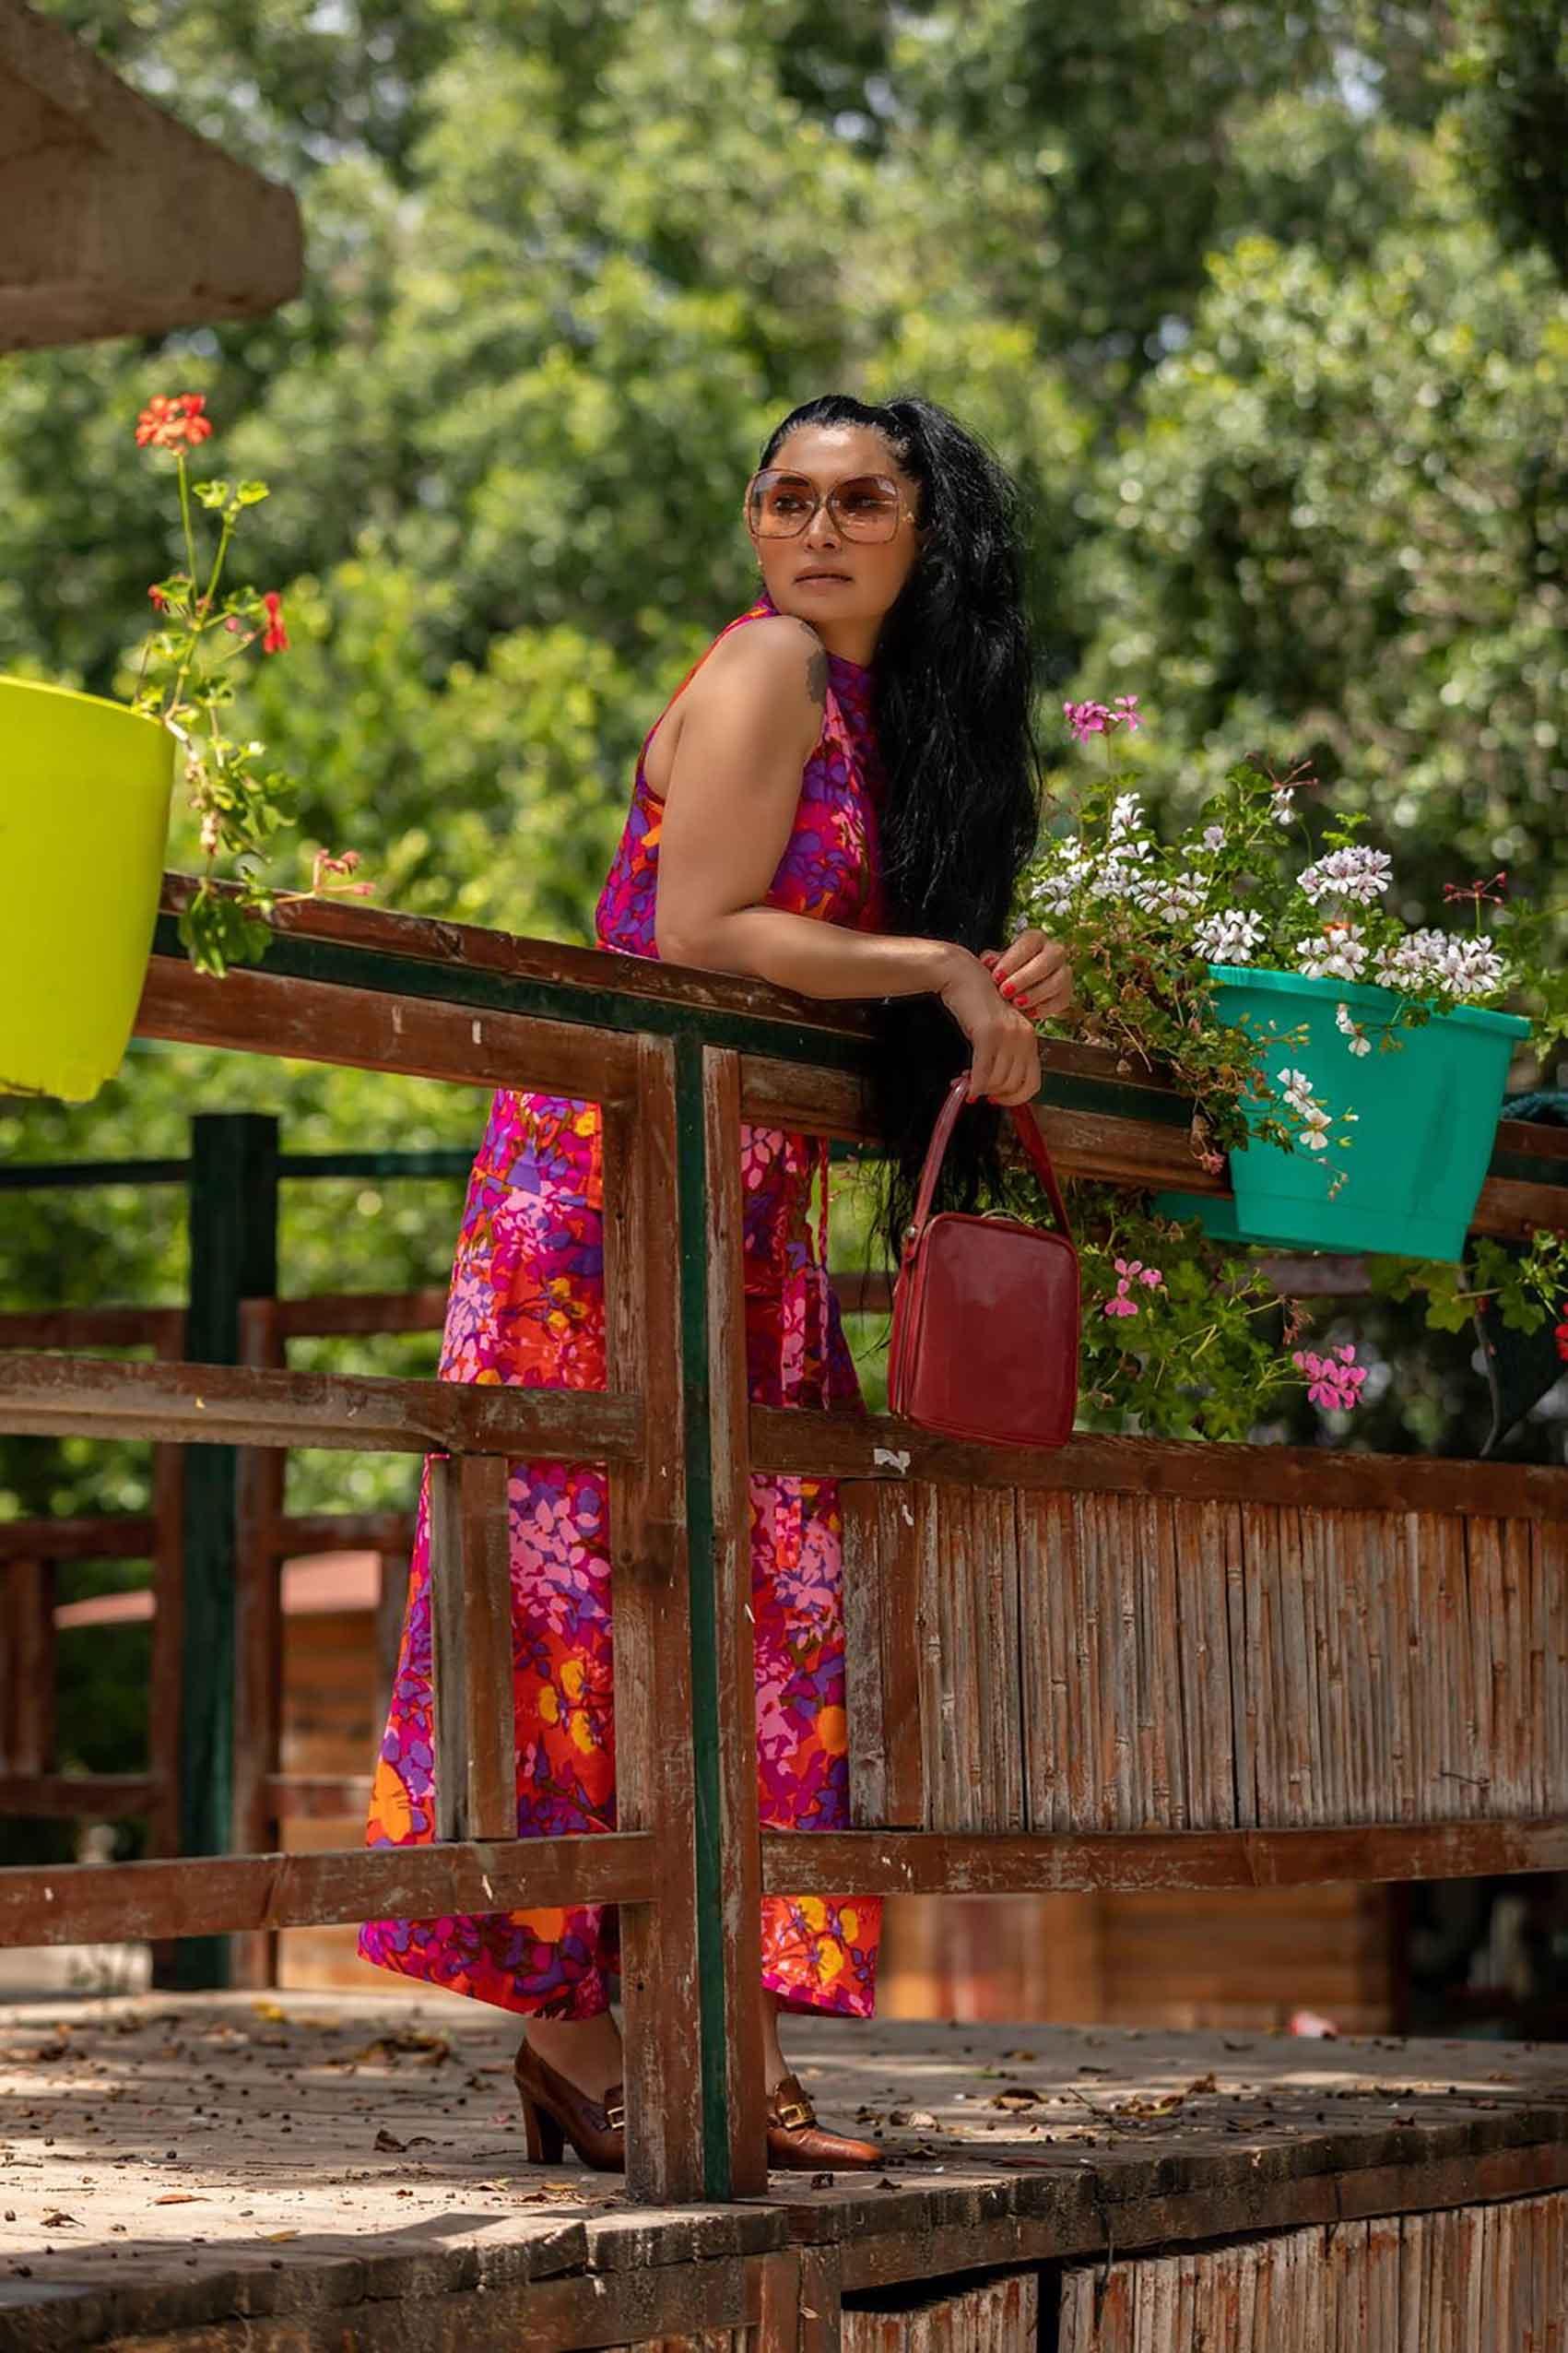 אופנה-מגזין-אופנה-לובשת-וינטג-מאיה-אושרי-צילום-מיקי-בן-עטר -83